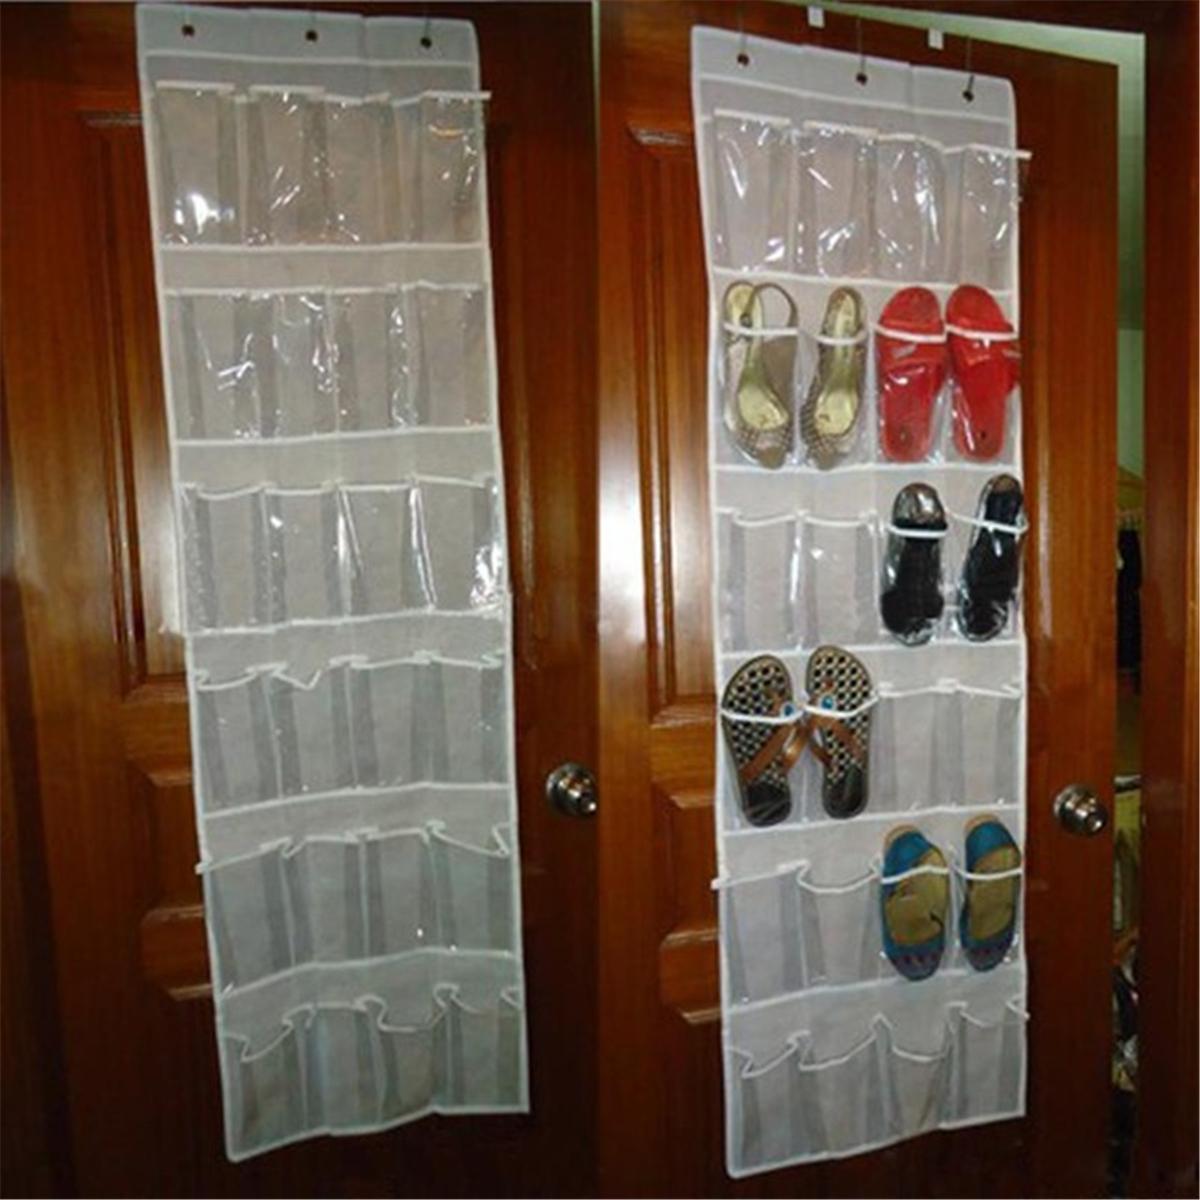 Porte Chaussure Derriere Porte acheter style coréen derrière porte chaussures porte chaussures suspendu  support de stockage porte chaussures À ongles gratuit organisateur espace